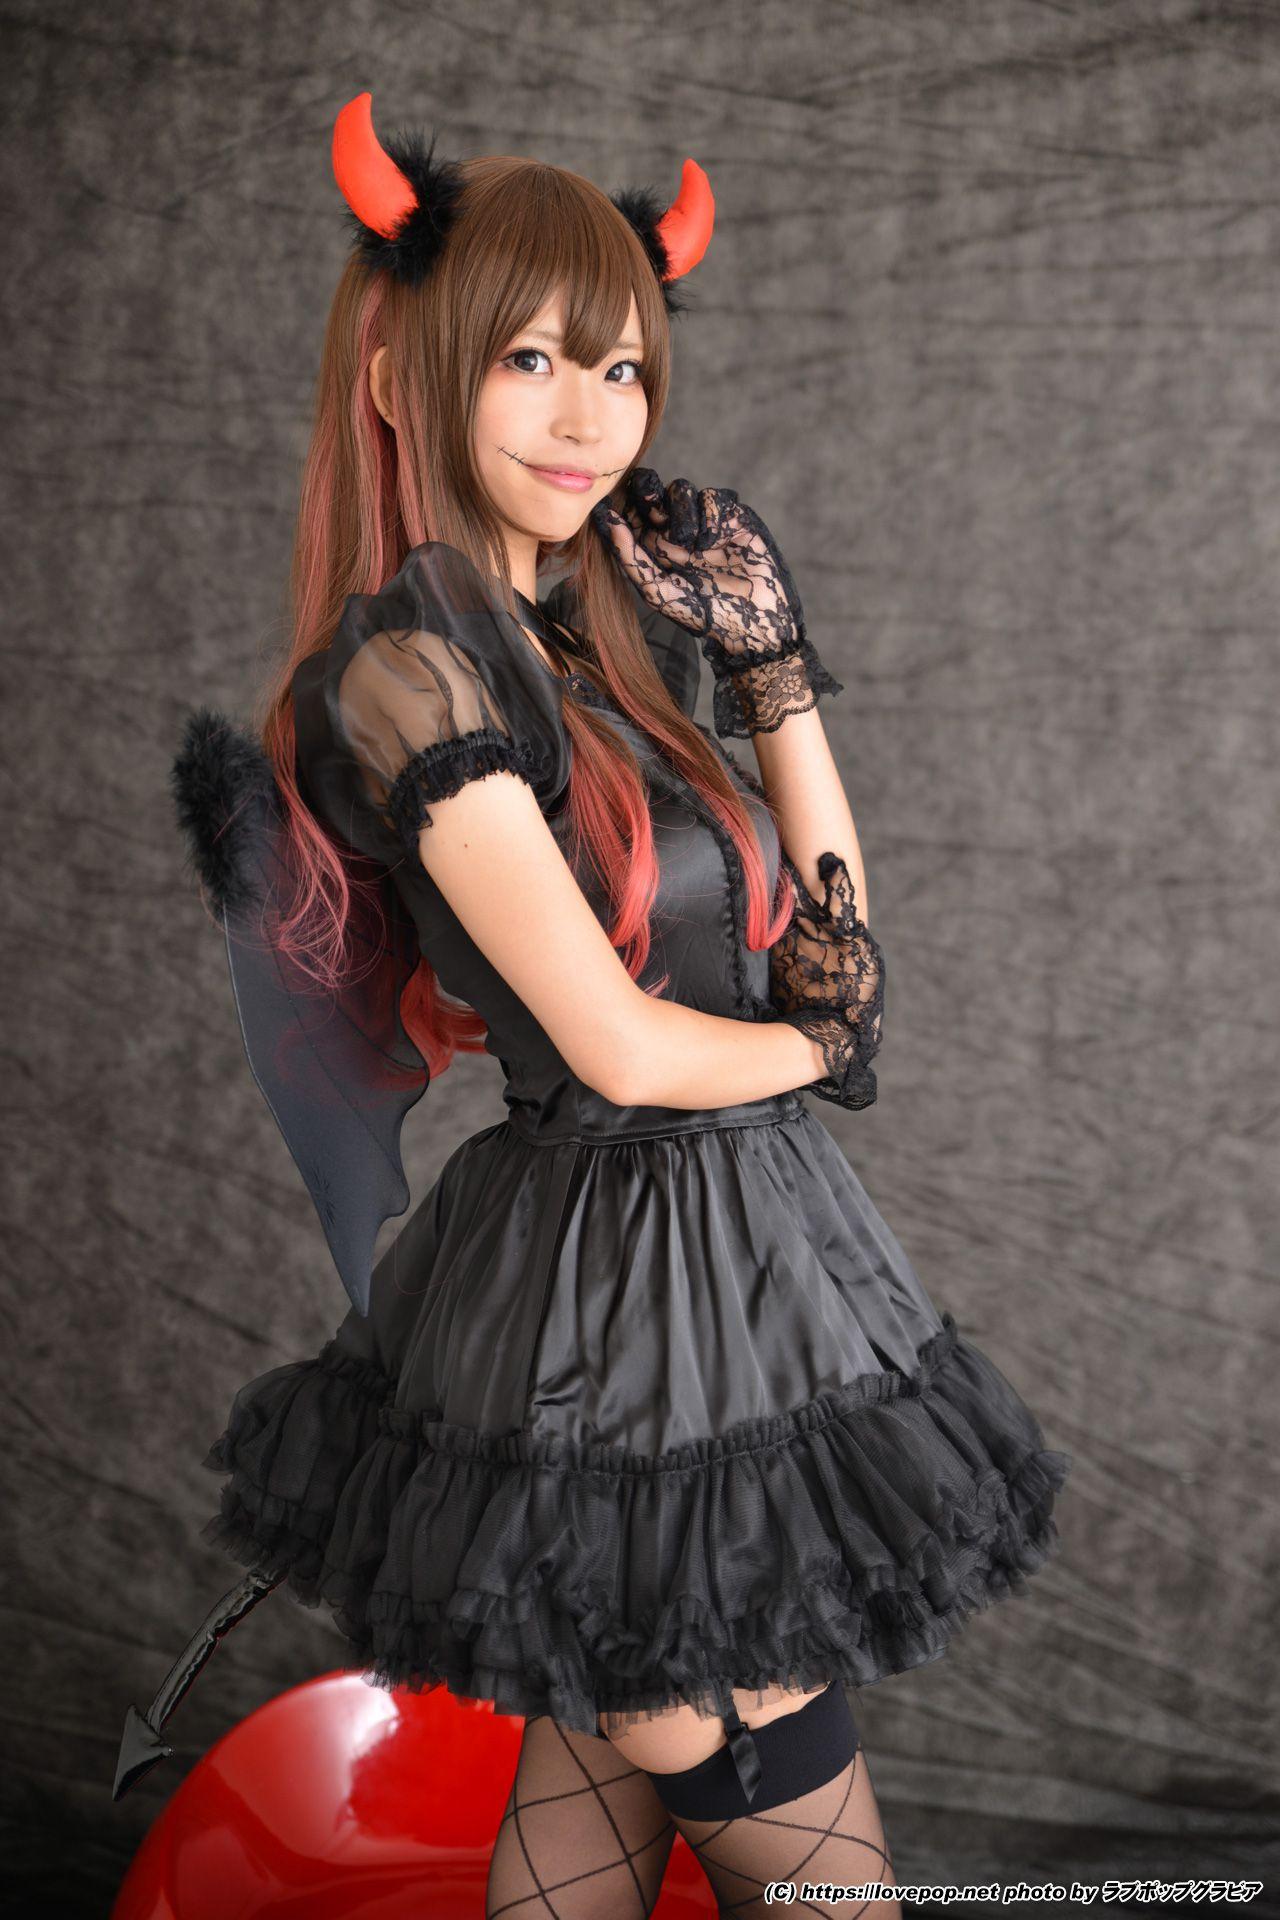 甘栗いるふ Irufu Amaguri Photoset 05 [LOVEPOP] 写真集[42P]插图(6)